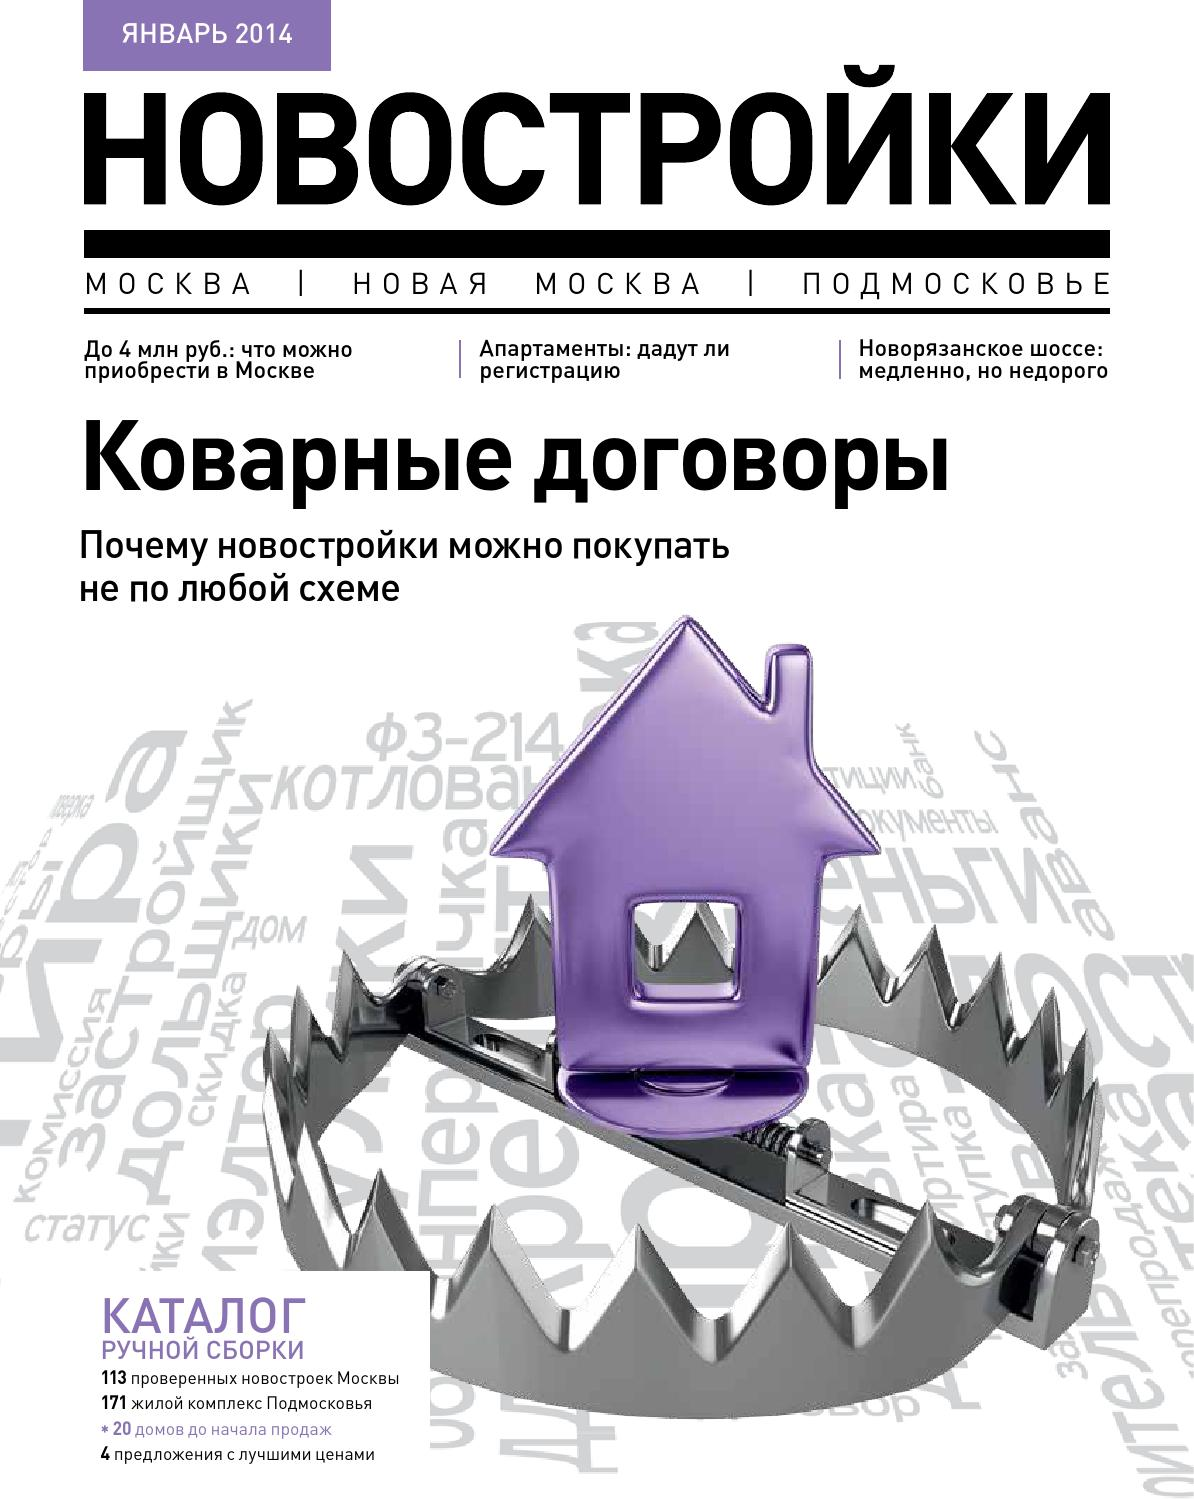 хоккейный клуб бриз москва давыдковская